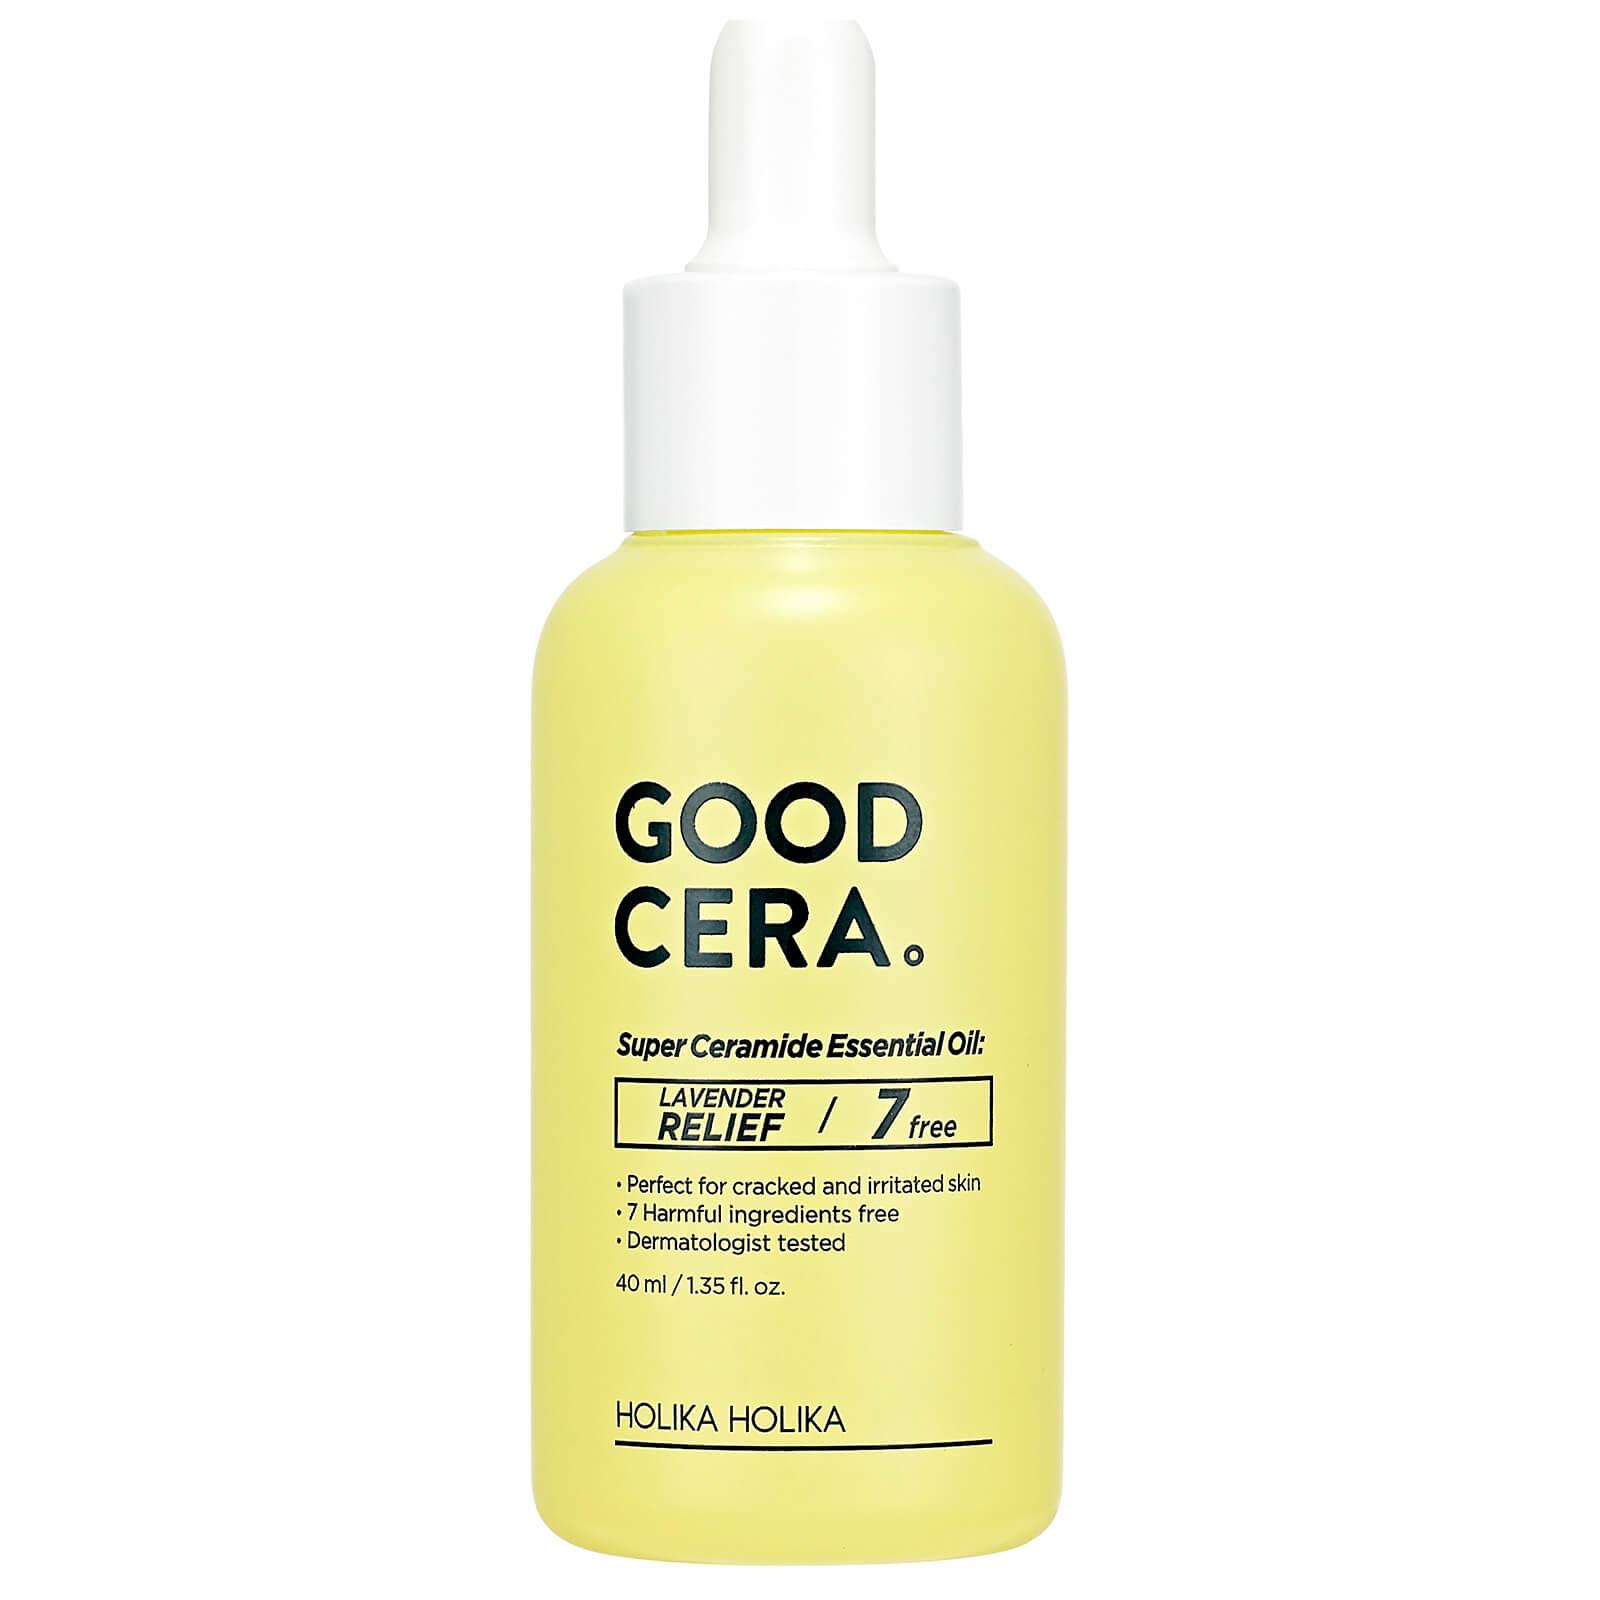 Купить Holika Holika Good Cera Super Ceramide Essential Oil 40ml